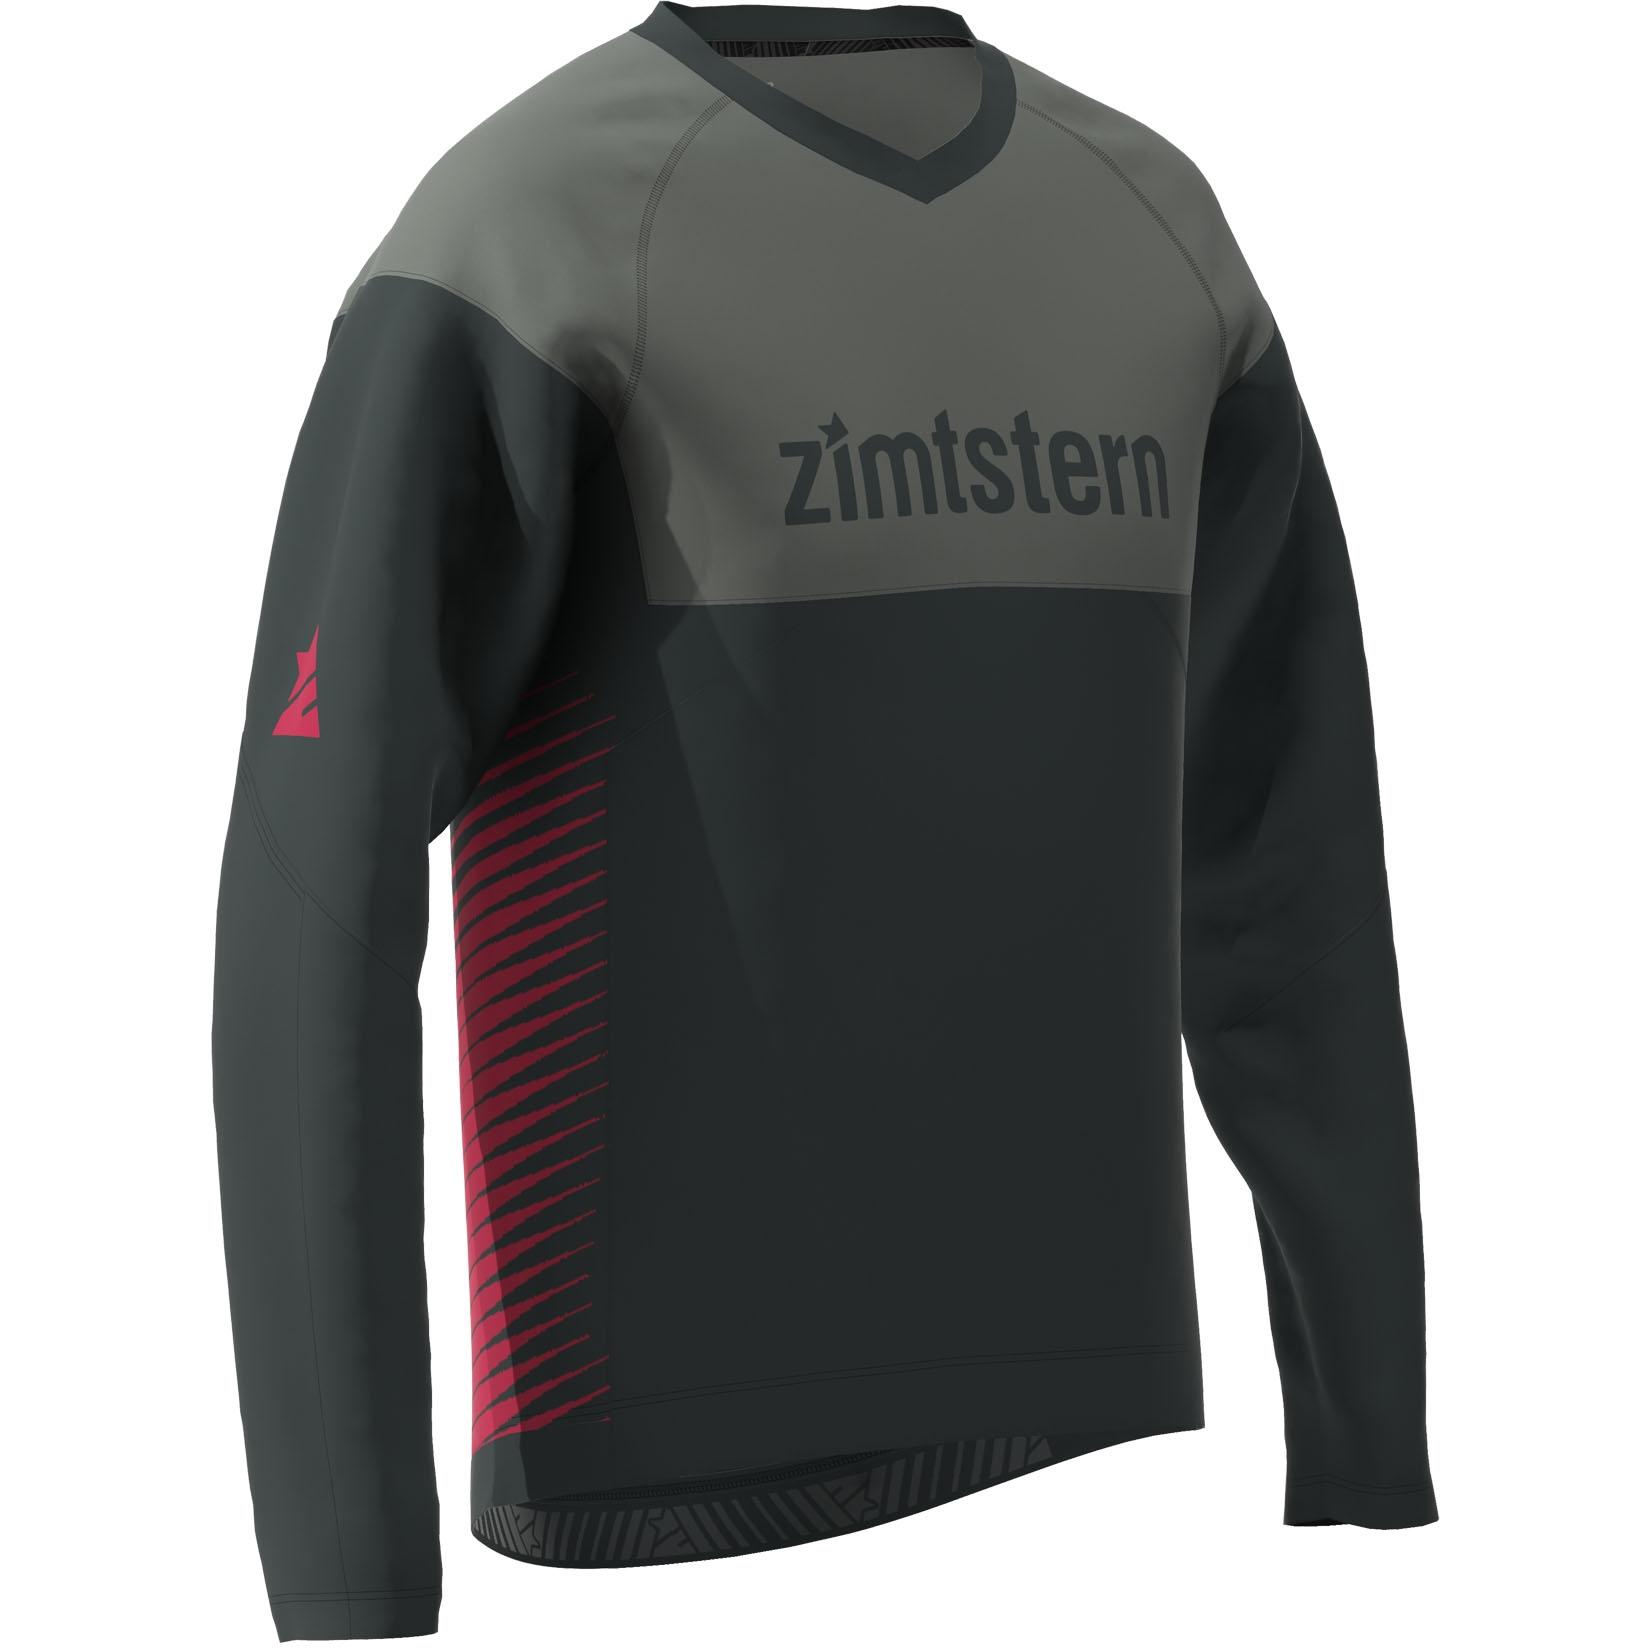 Bild von Zimtstern Bulletz Langarm-Shirt - pirate black/gun metal/jester red